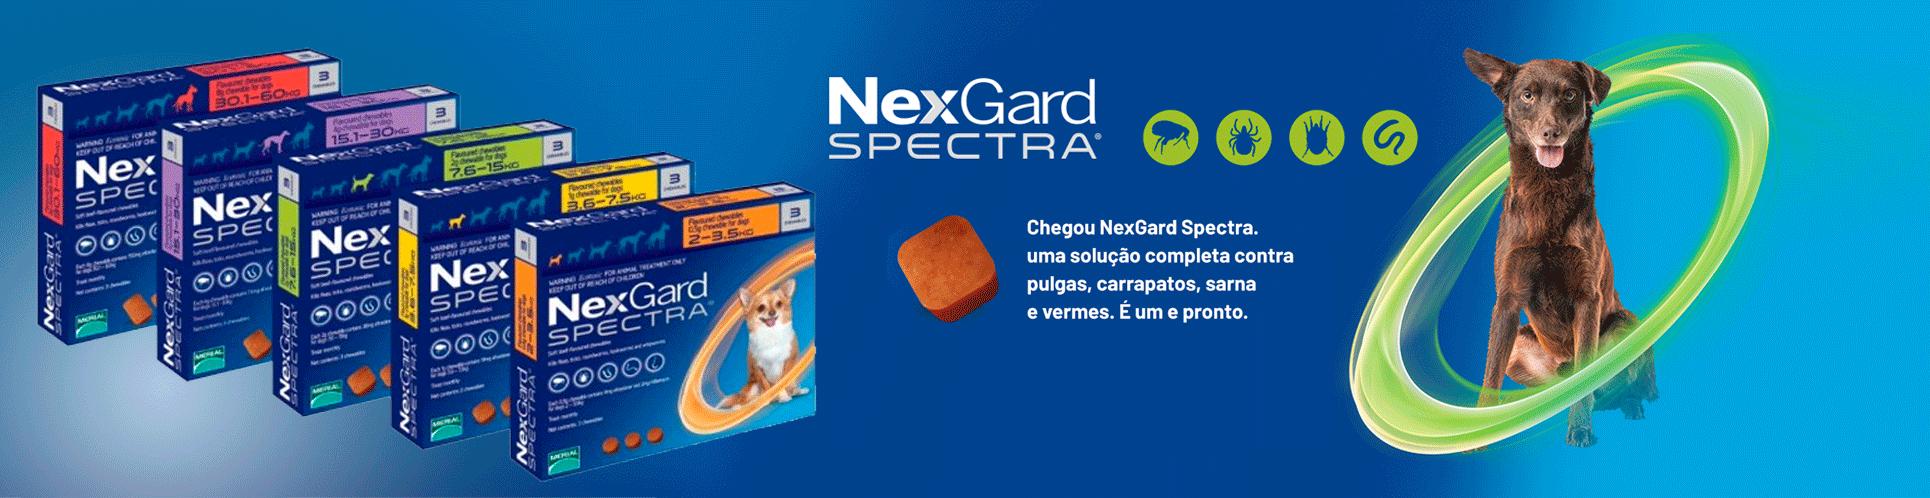 NEXGAR-SPECTRA